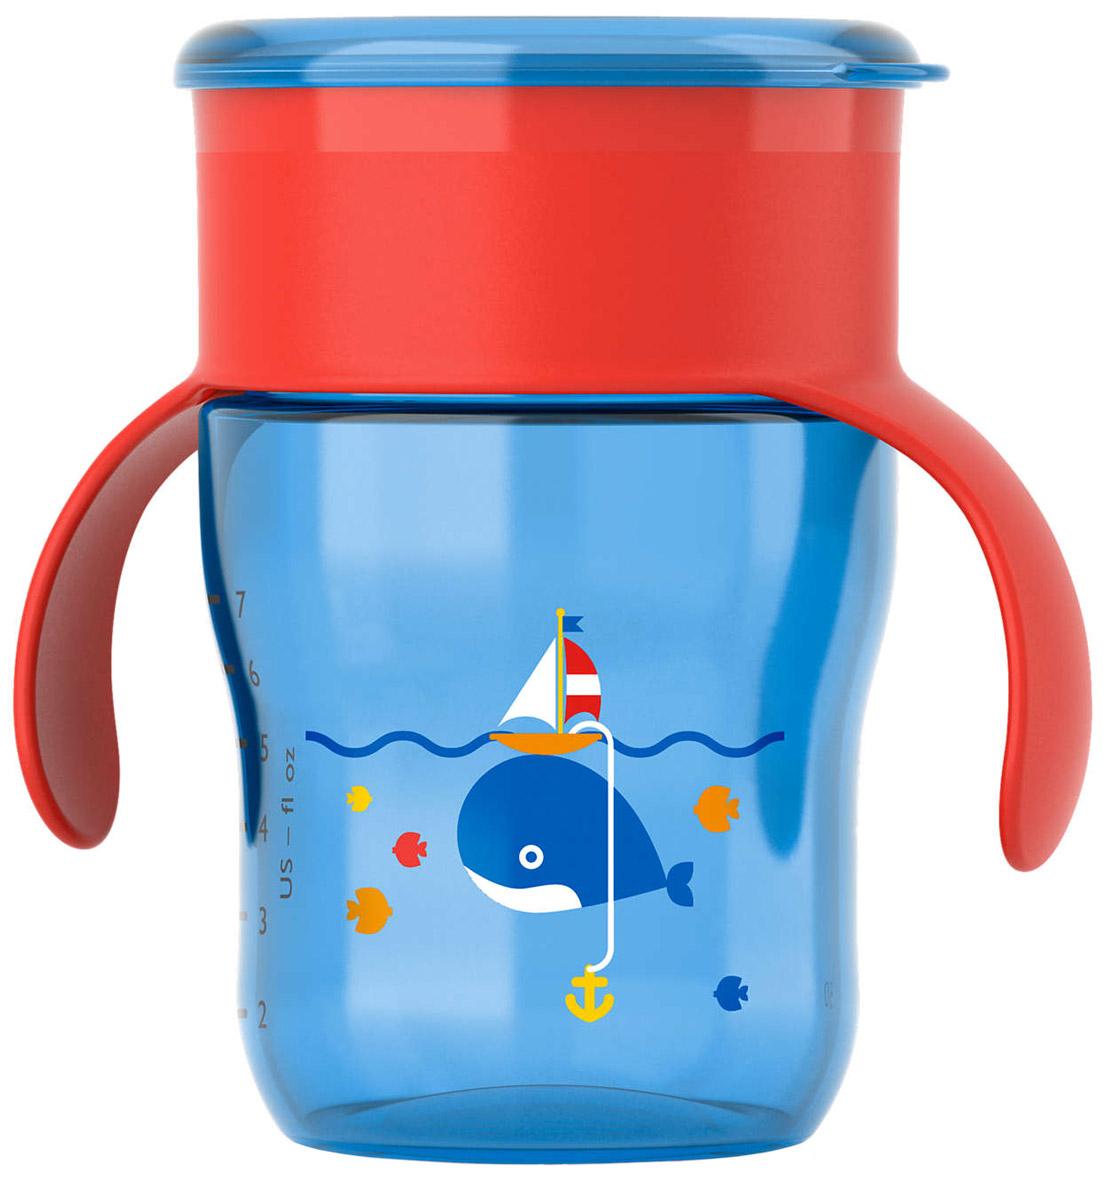 Philips Avent Чашка-поильник от 12 месяцев цвет голубой красный 260 мл кит SCF782/20